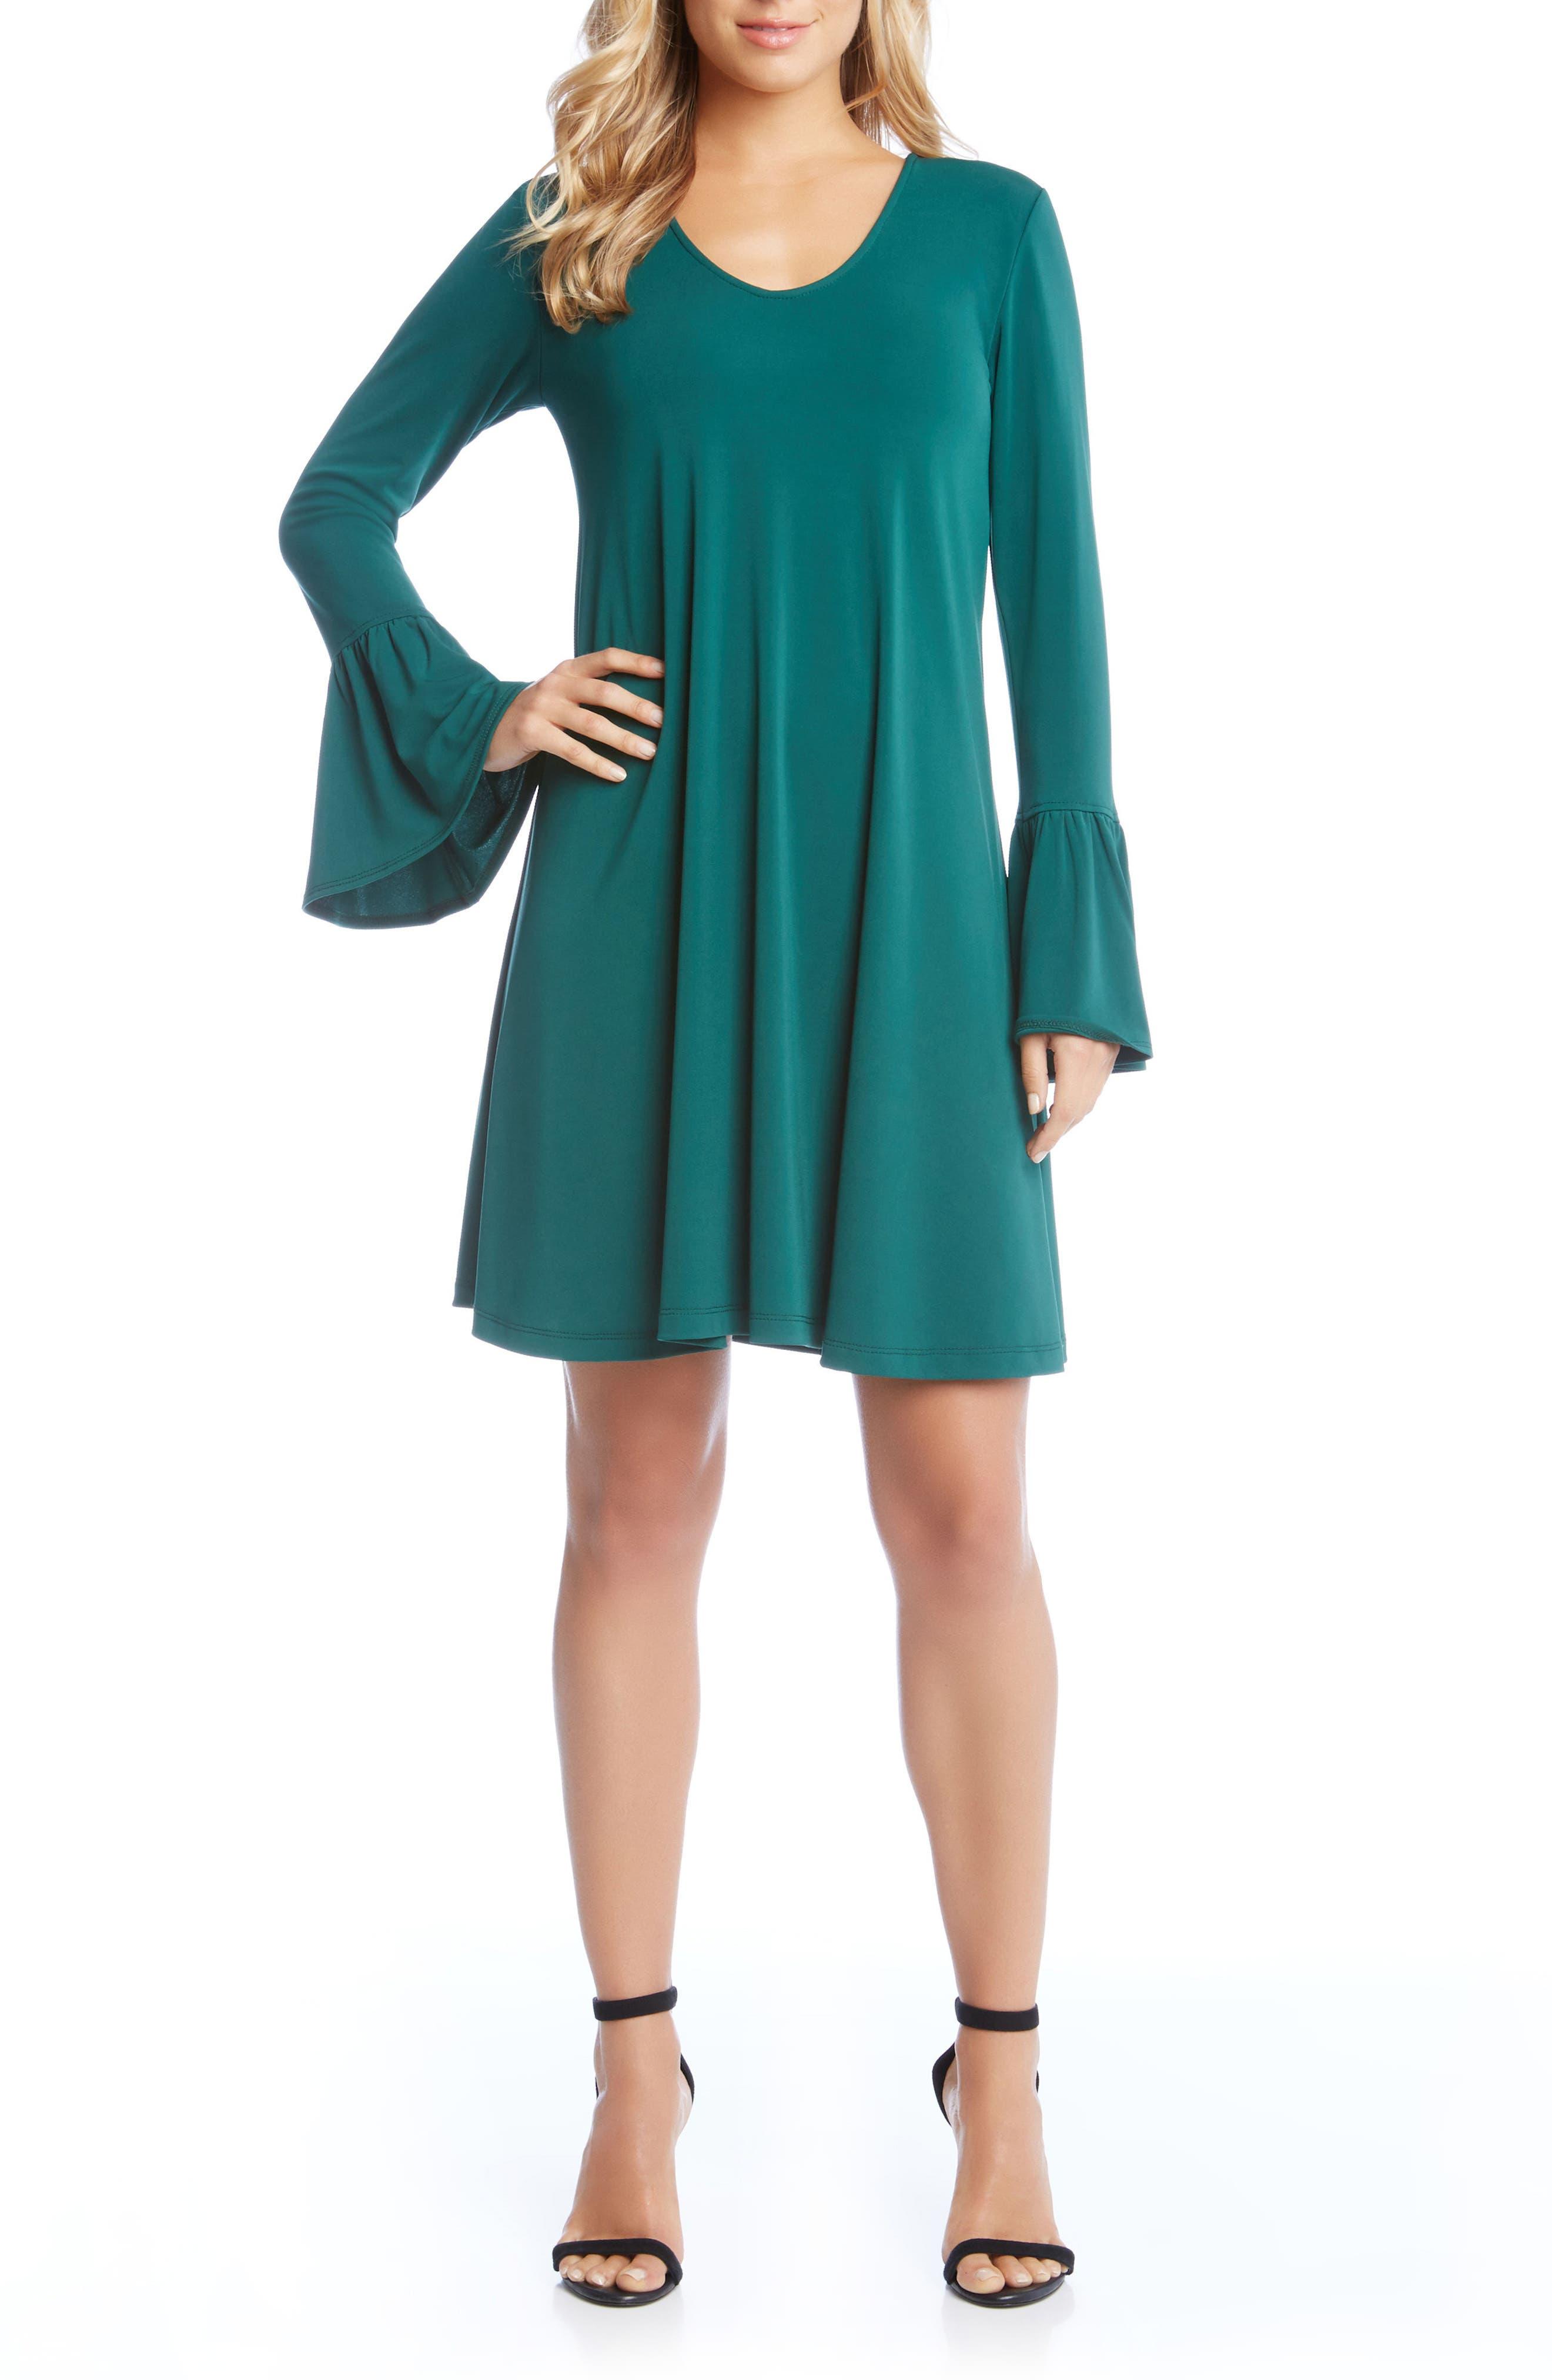 Alternate Image 1 Selected - Karen Kane Bell Sleeve Dress